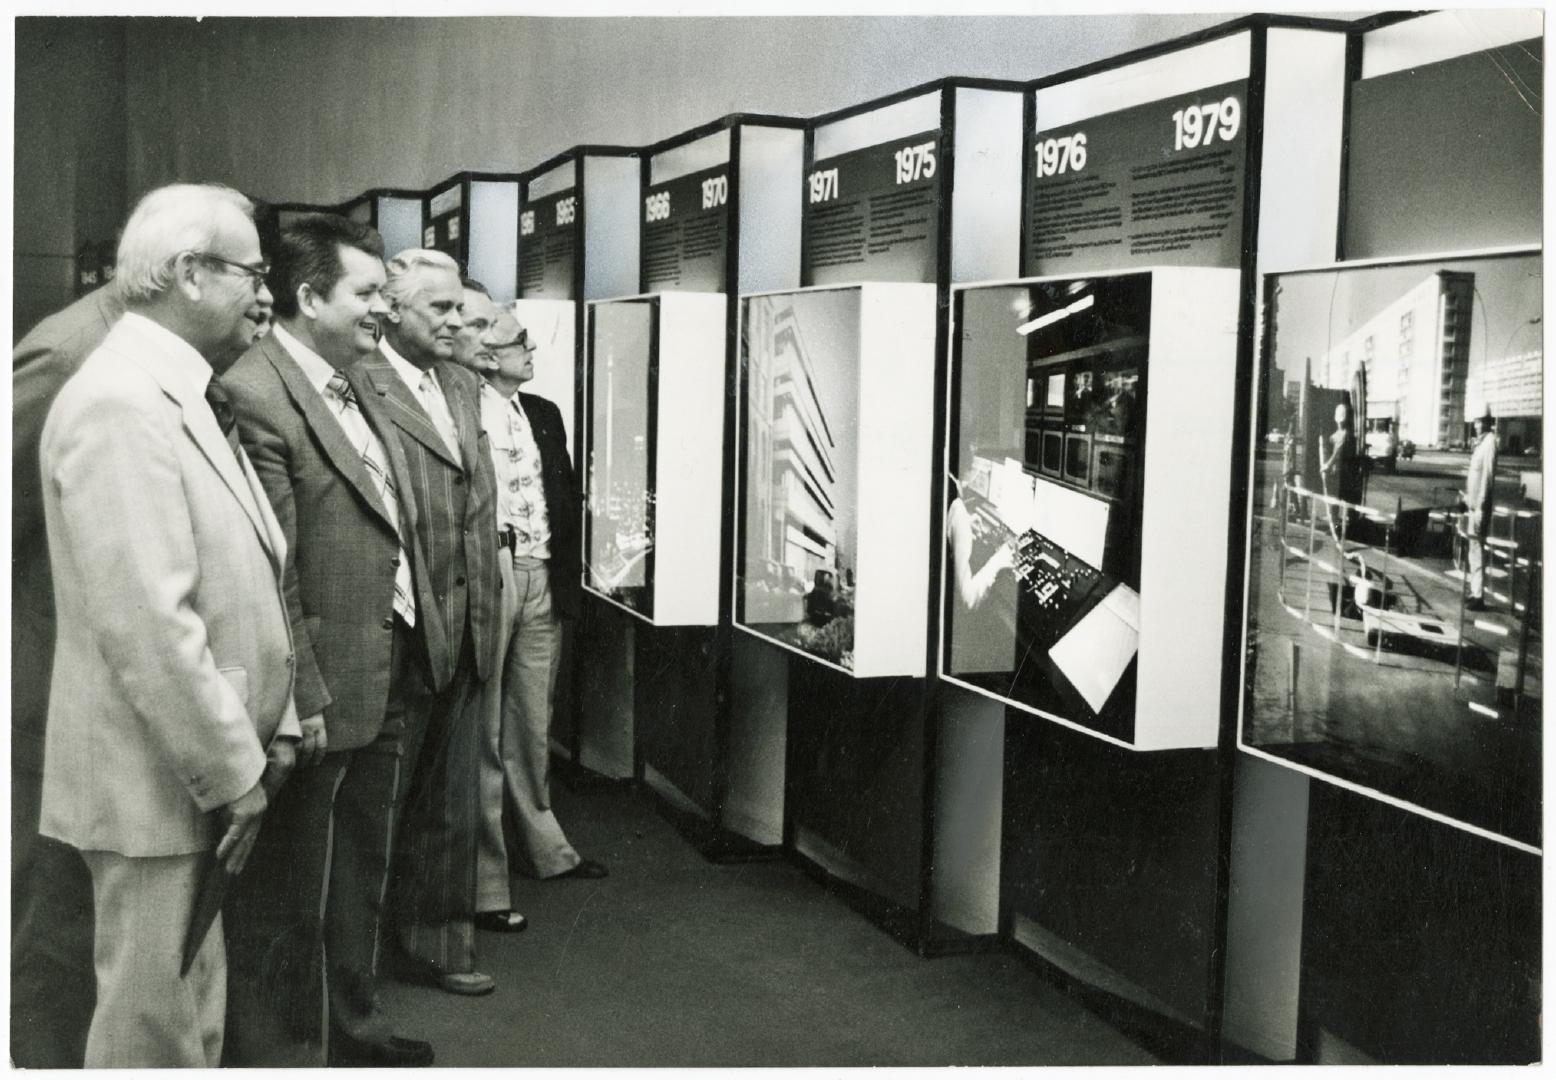 Besucher der Wechslausstellung Das sozialistische Post- und Fernmeldewesen berichtet zum 30. Jahrestag der DDR im Postmuseum der DDR, 1979